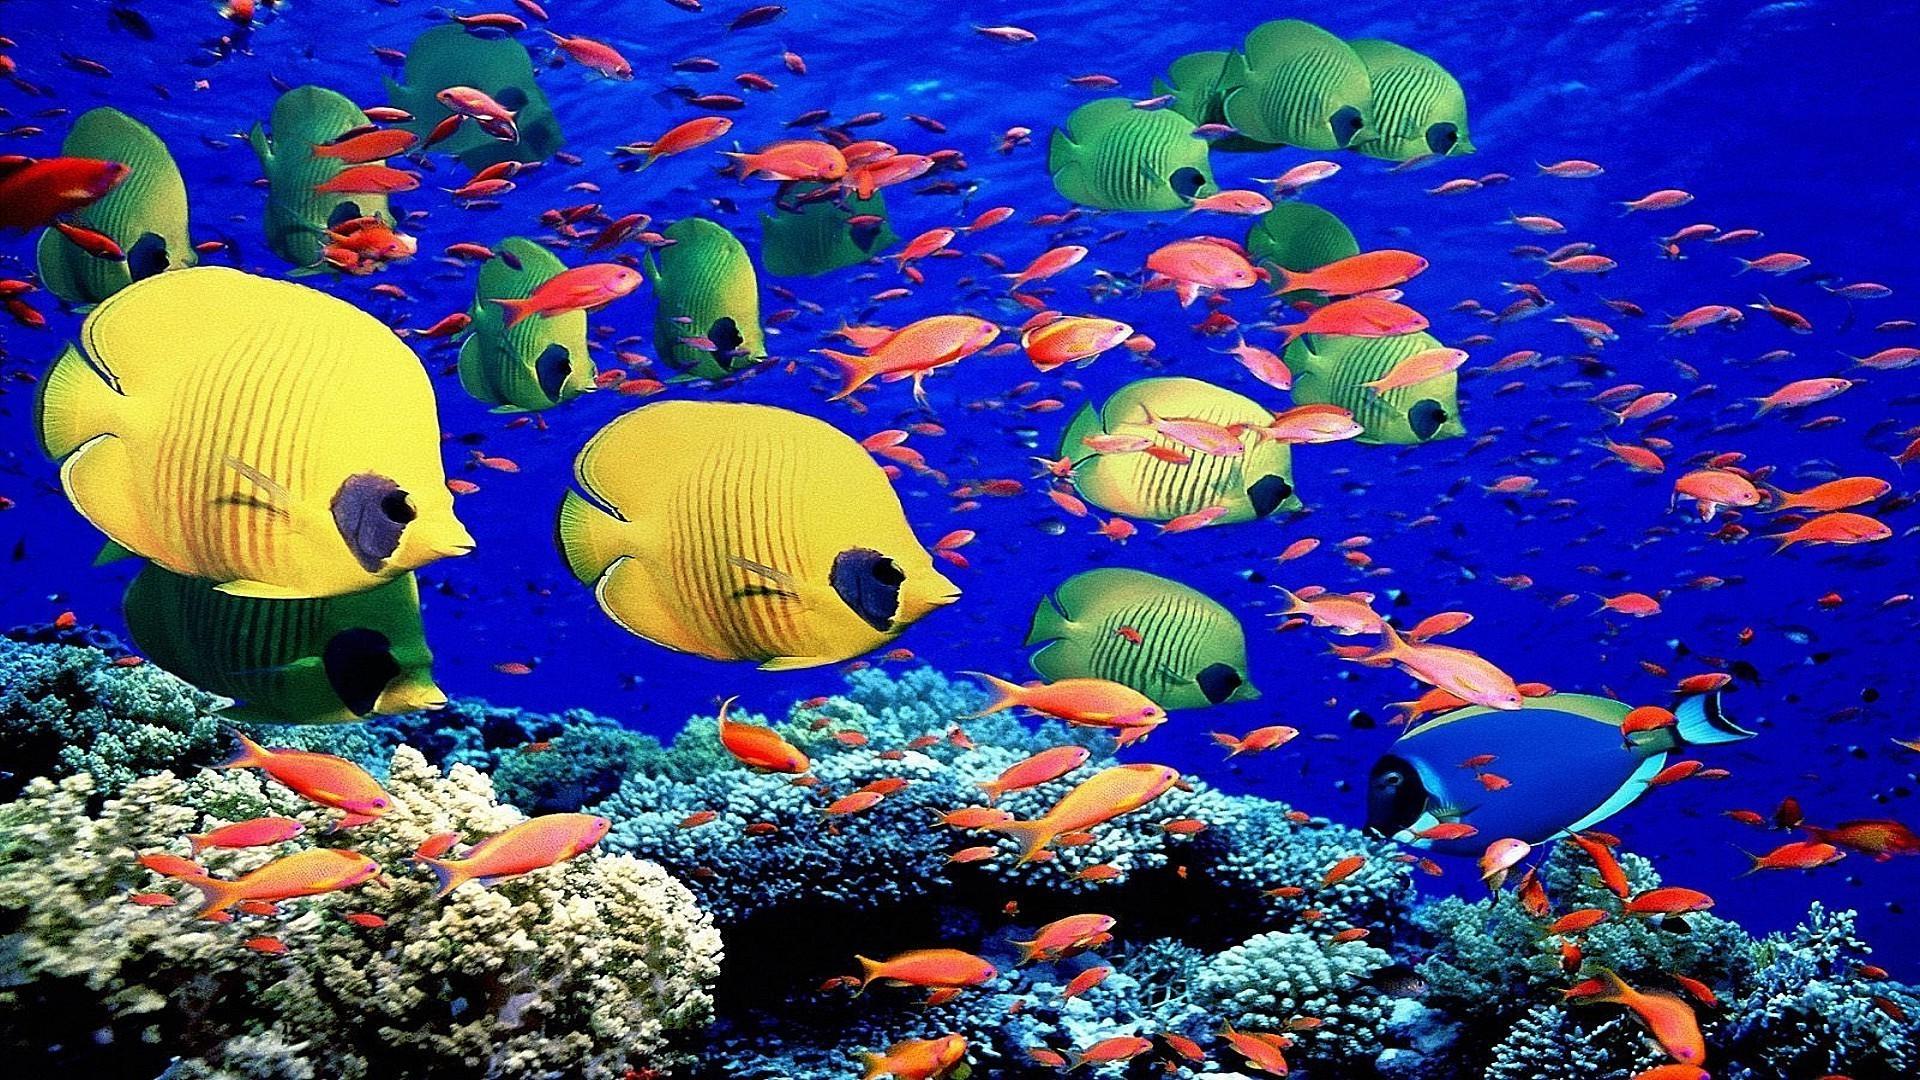 люблю картинки как в реальной жизни выглядит океан с рыбами можете